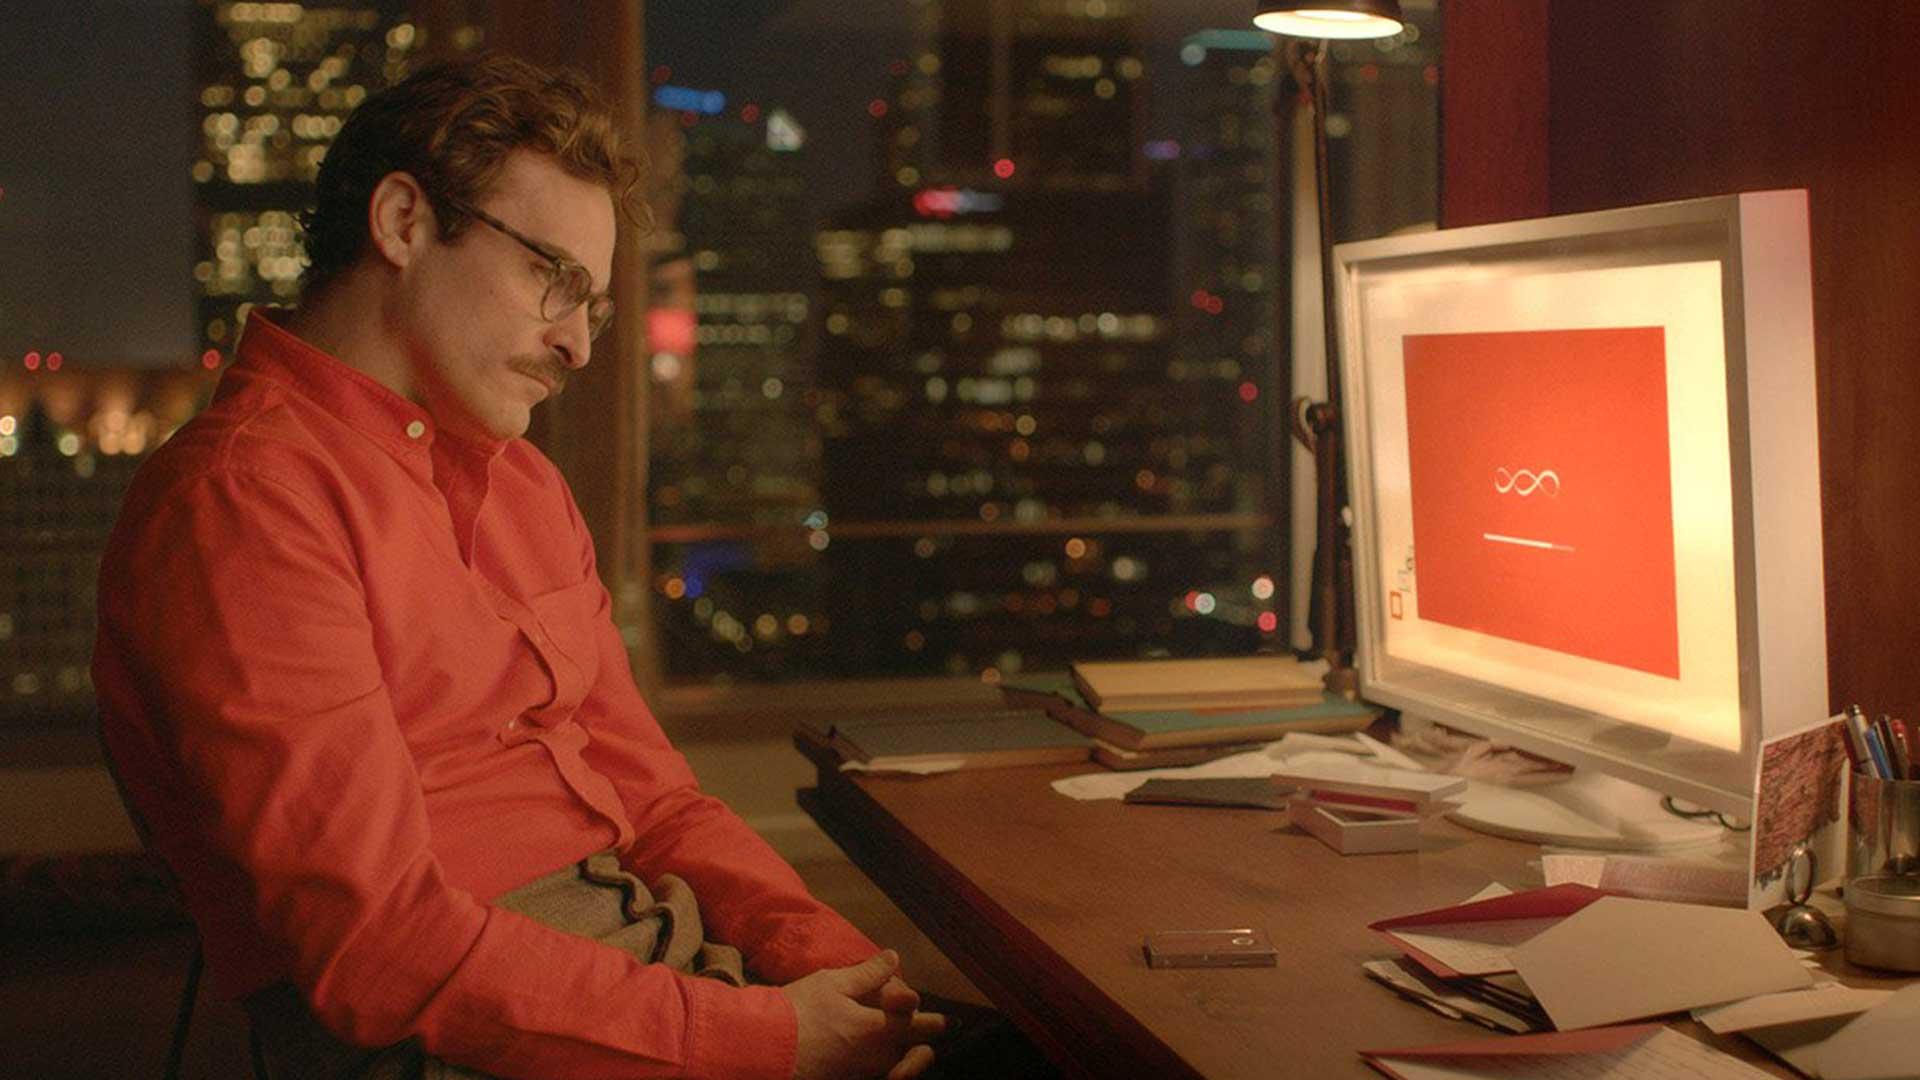 La-voce-disegnerà-gli-uffici-del-futuro-Her-Movie